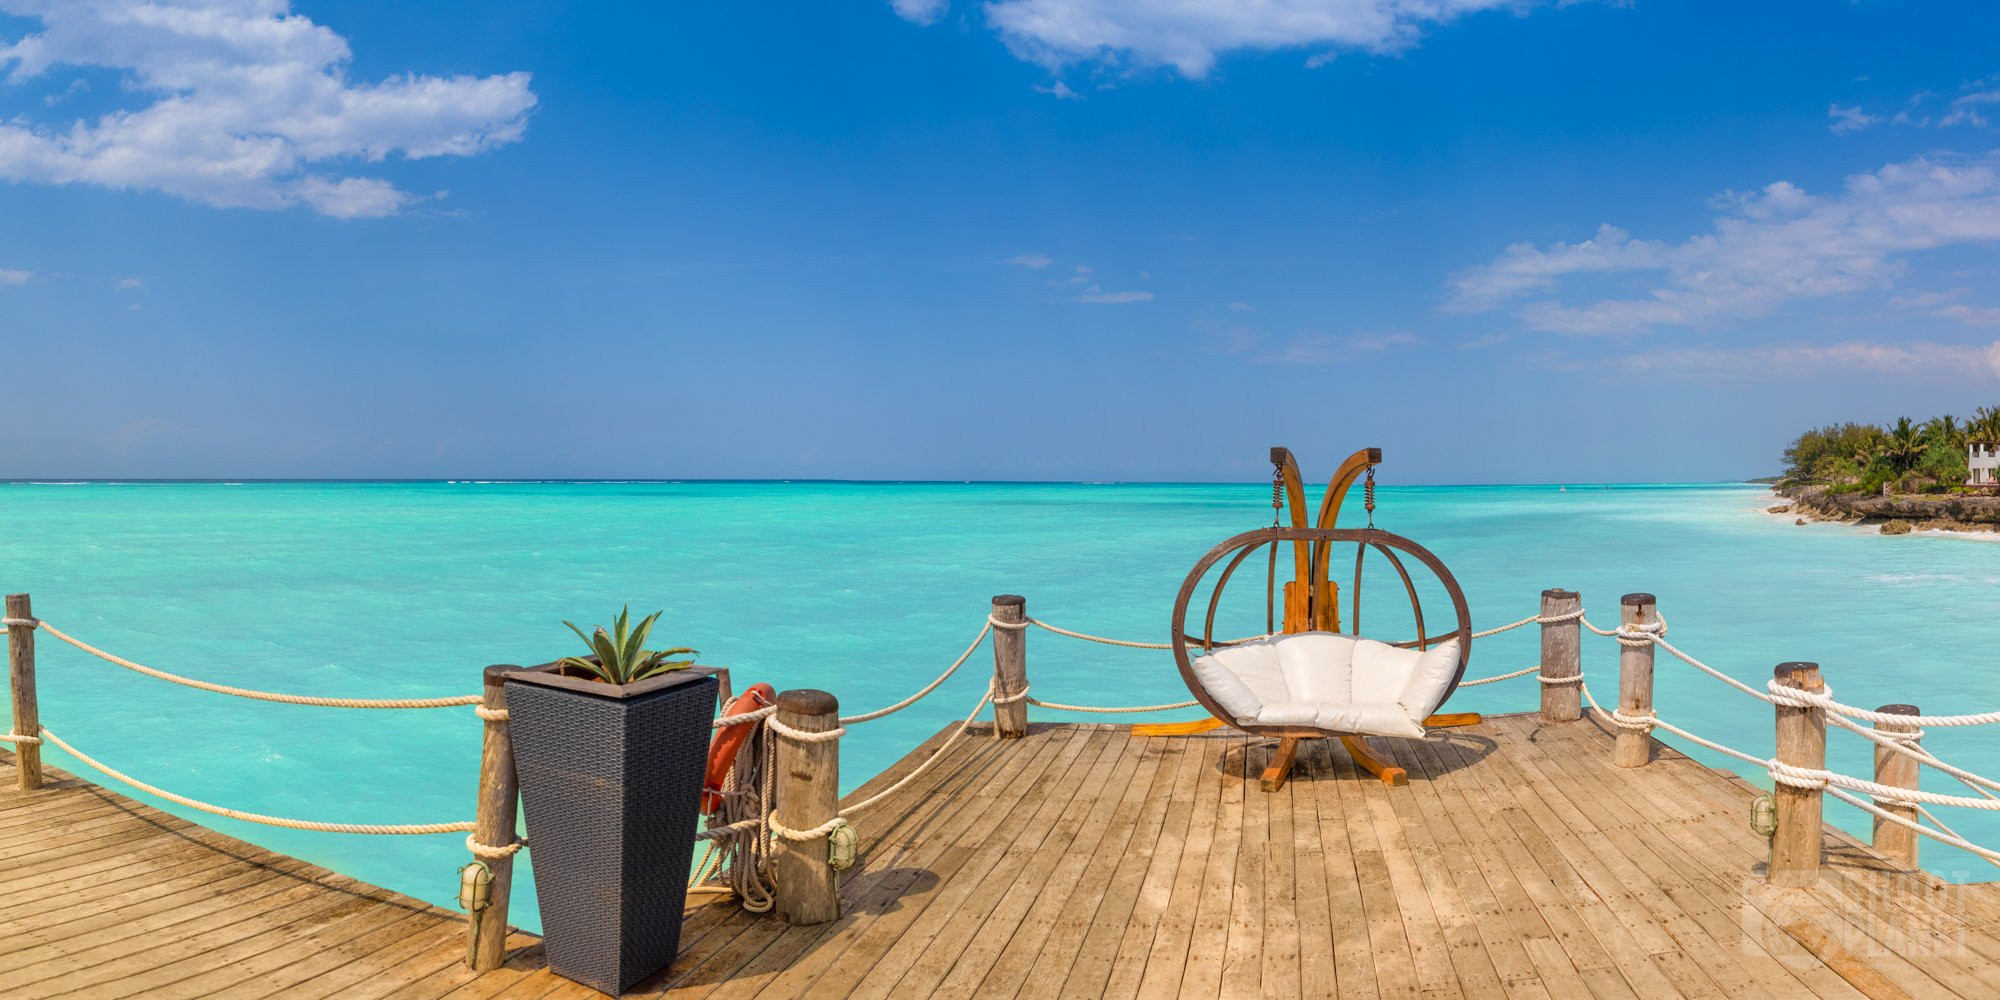 Luxury pier on Nungwi coastline, Zanzibar Tanzania